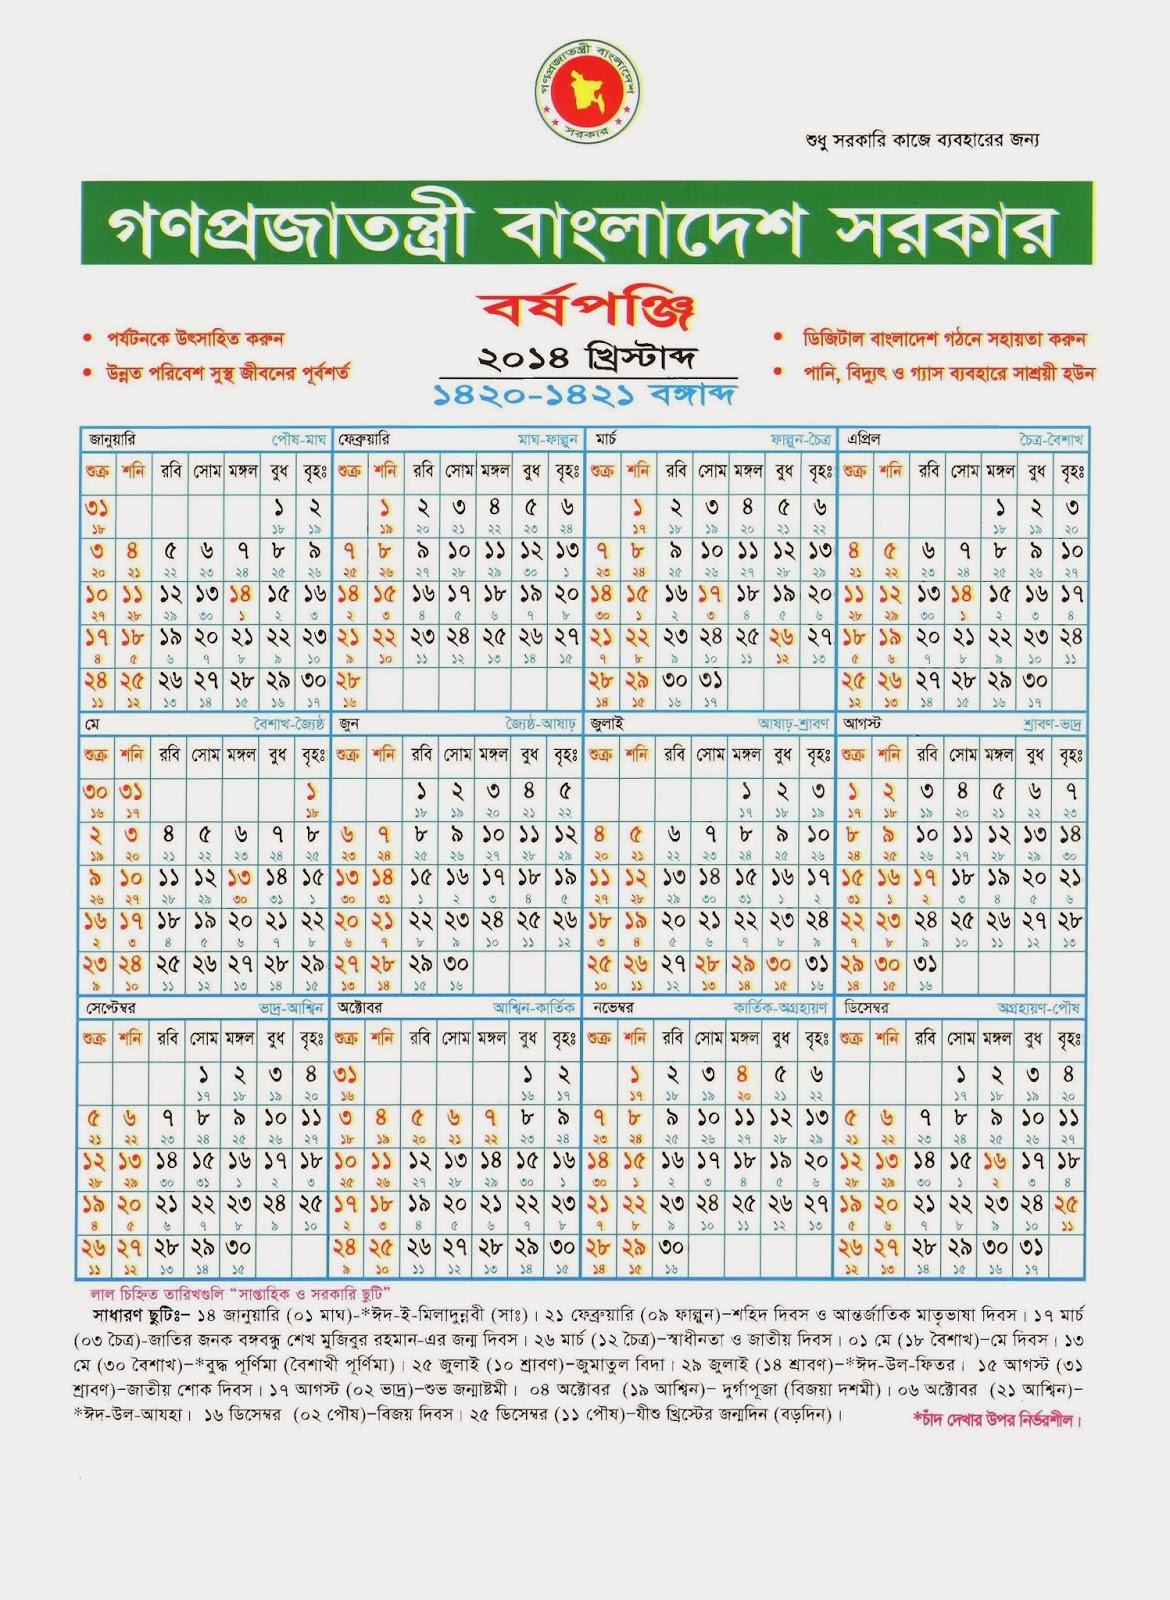 Calendar Bangladesh : Bangladesh government calendar with holidays